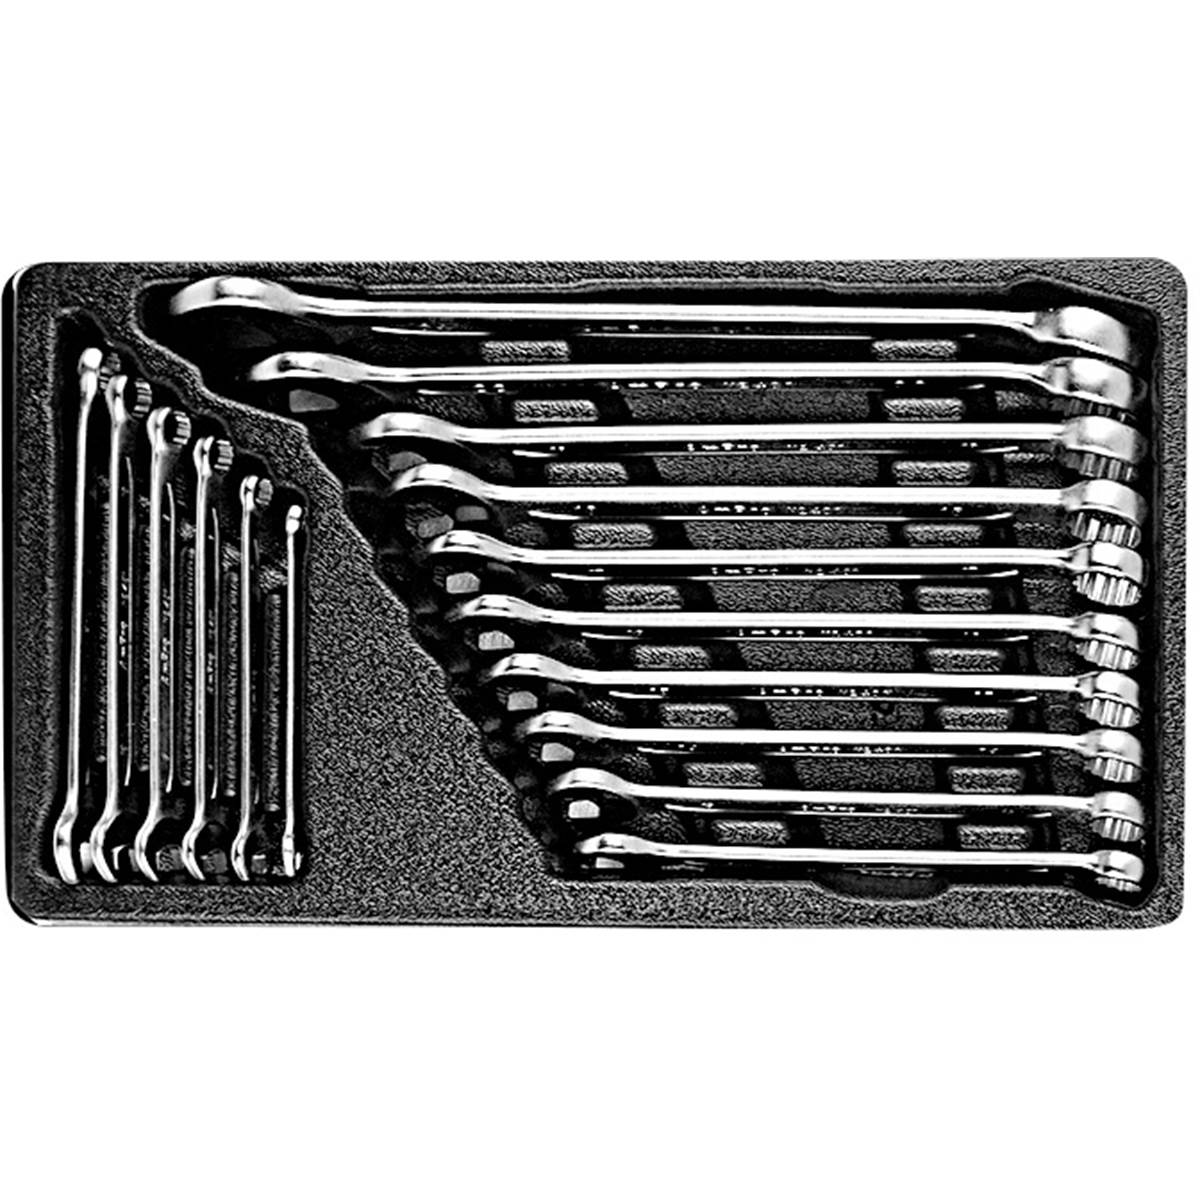 Module de rangement servante clés mixtes T40178 AmPro